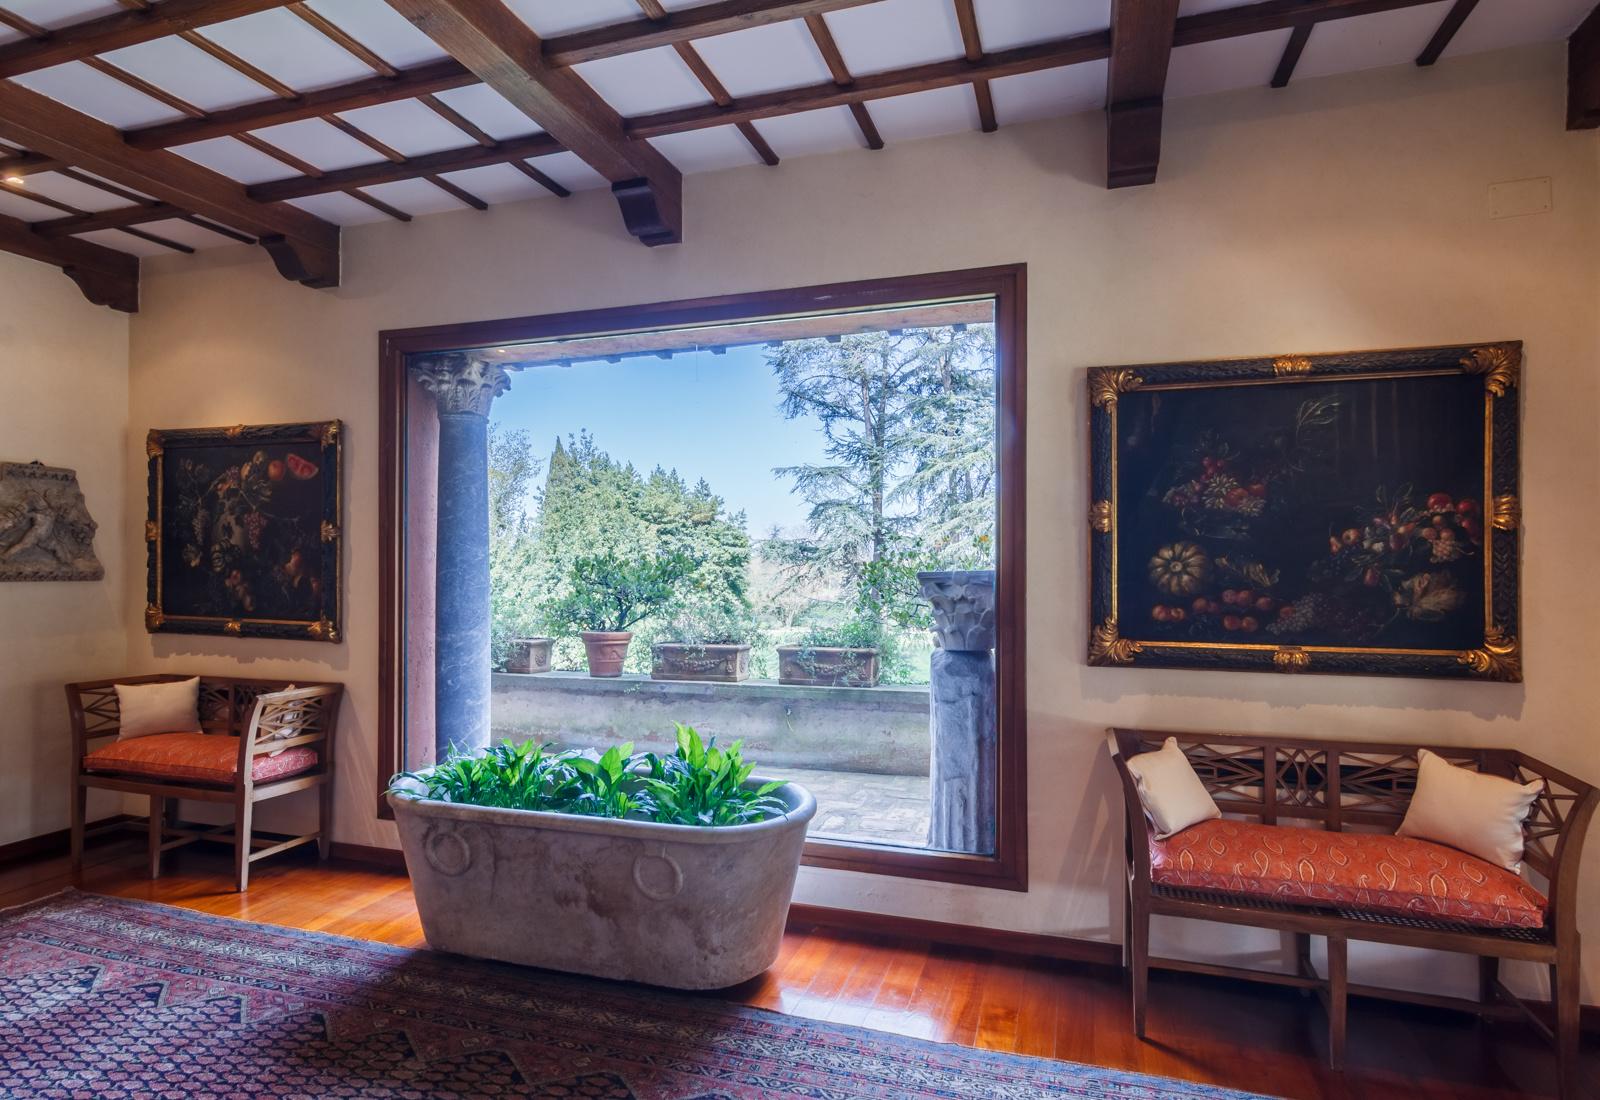 Продается бывшая вилла Софи Лорен в Риме (галерея 3, фото 3)